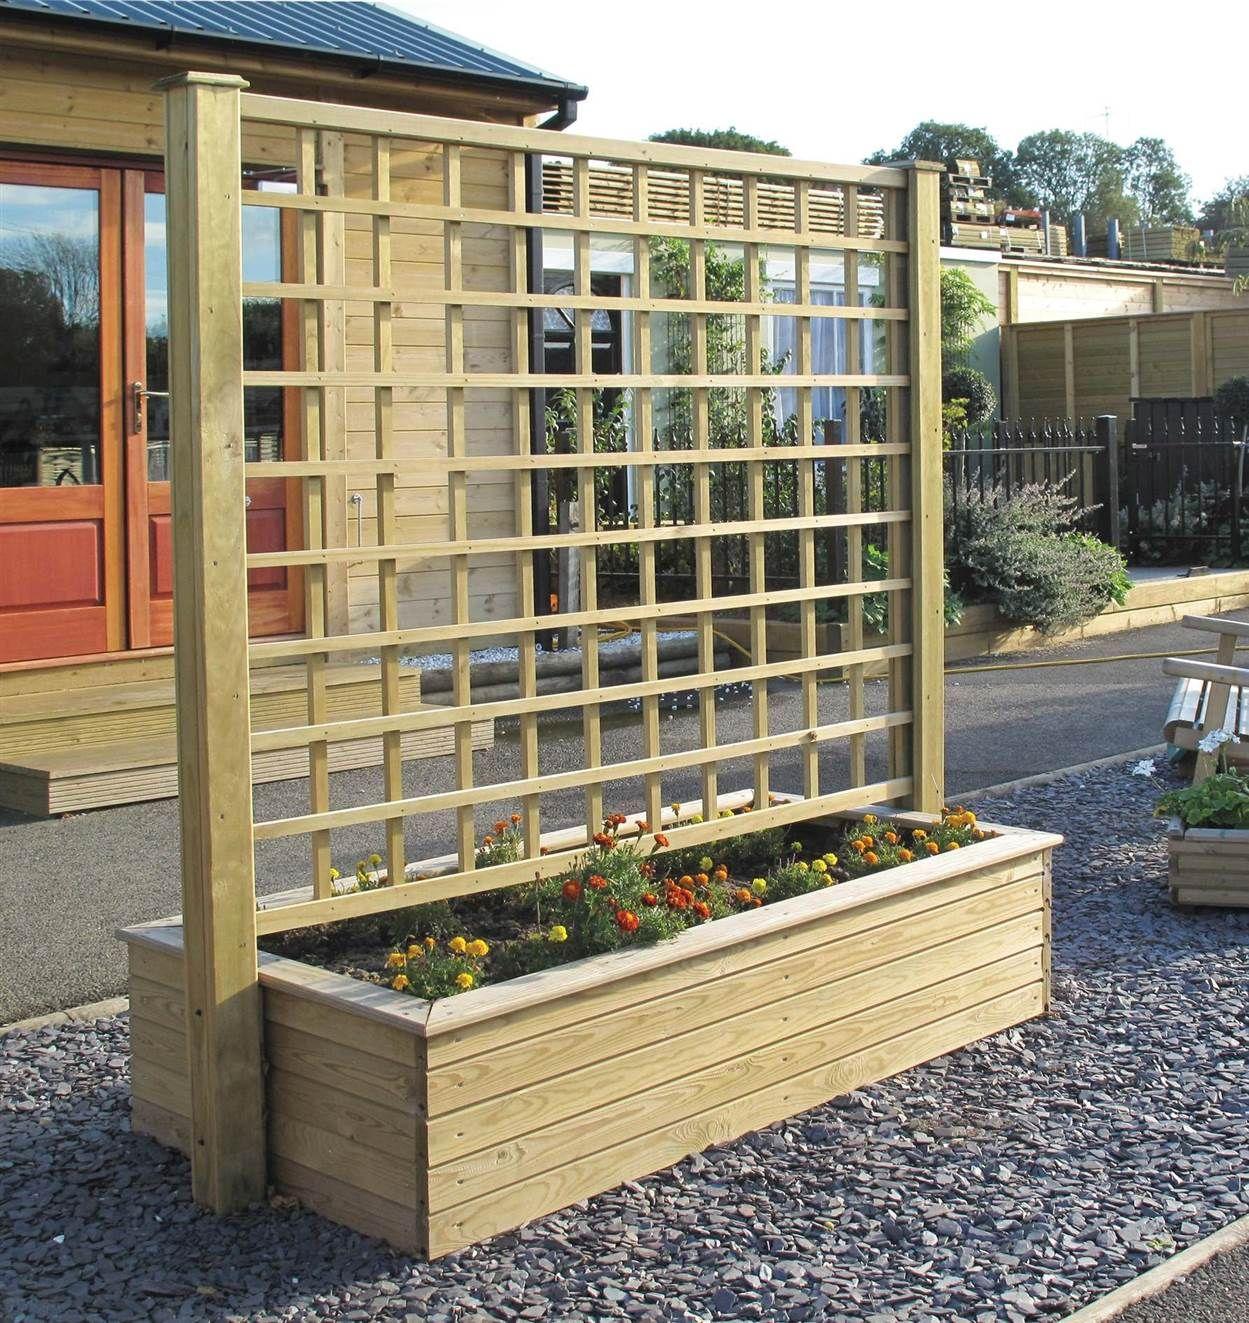 bacs fleurs avec panneau treillis bois agencement terrasse pinterest treillis bois. Black Bedroom Furniture Sets. Home Design Ideas